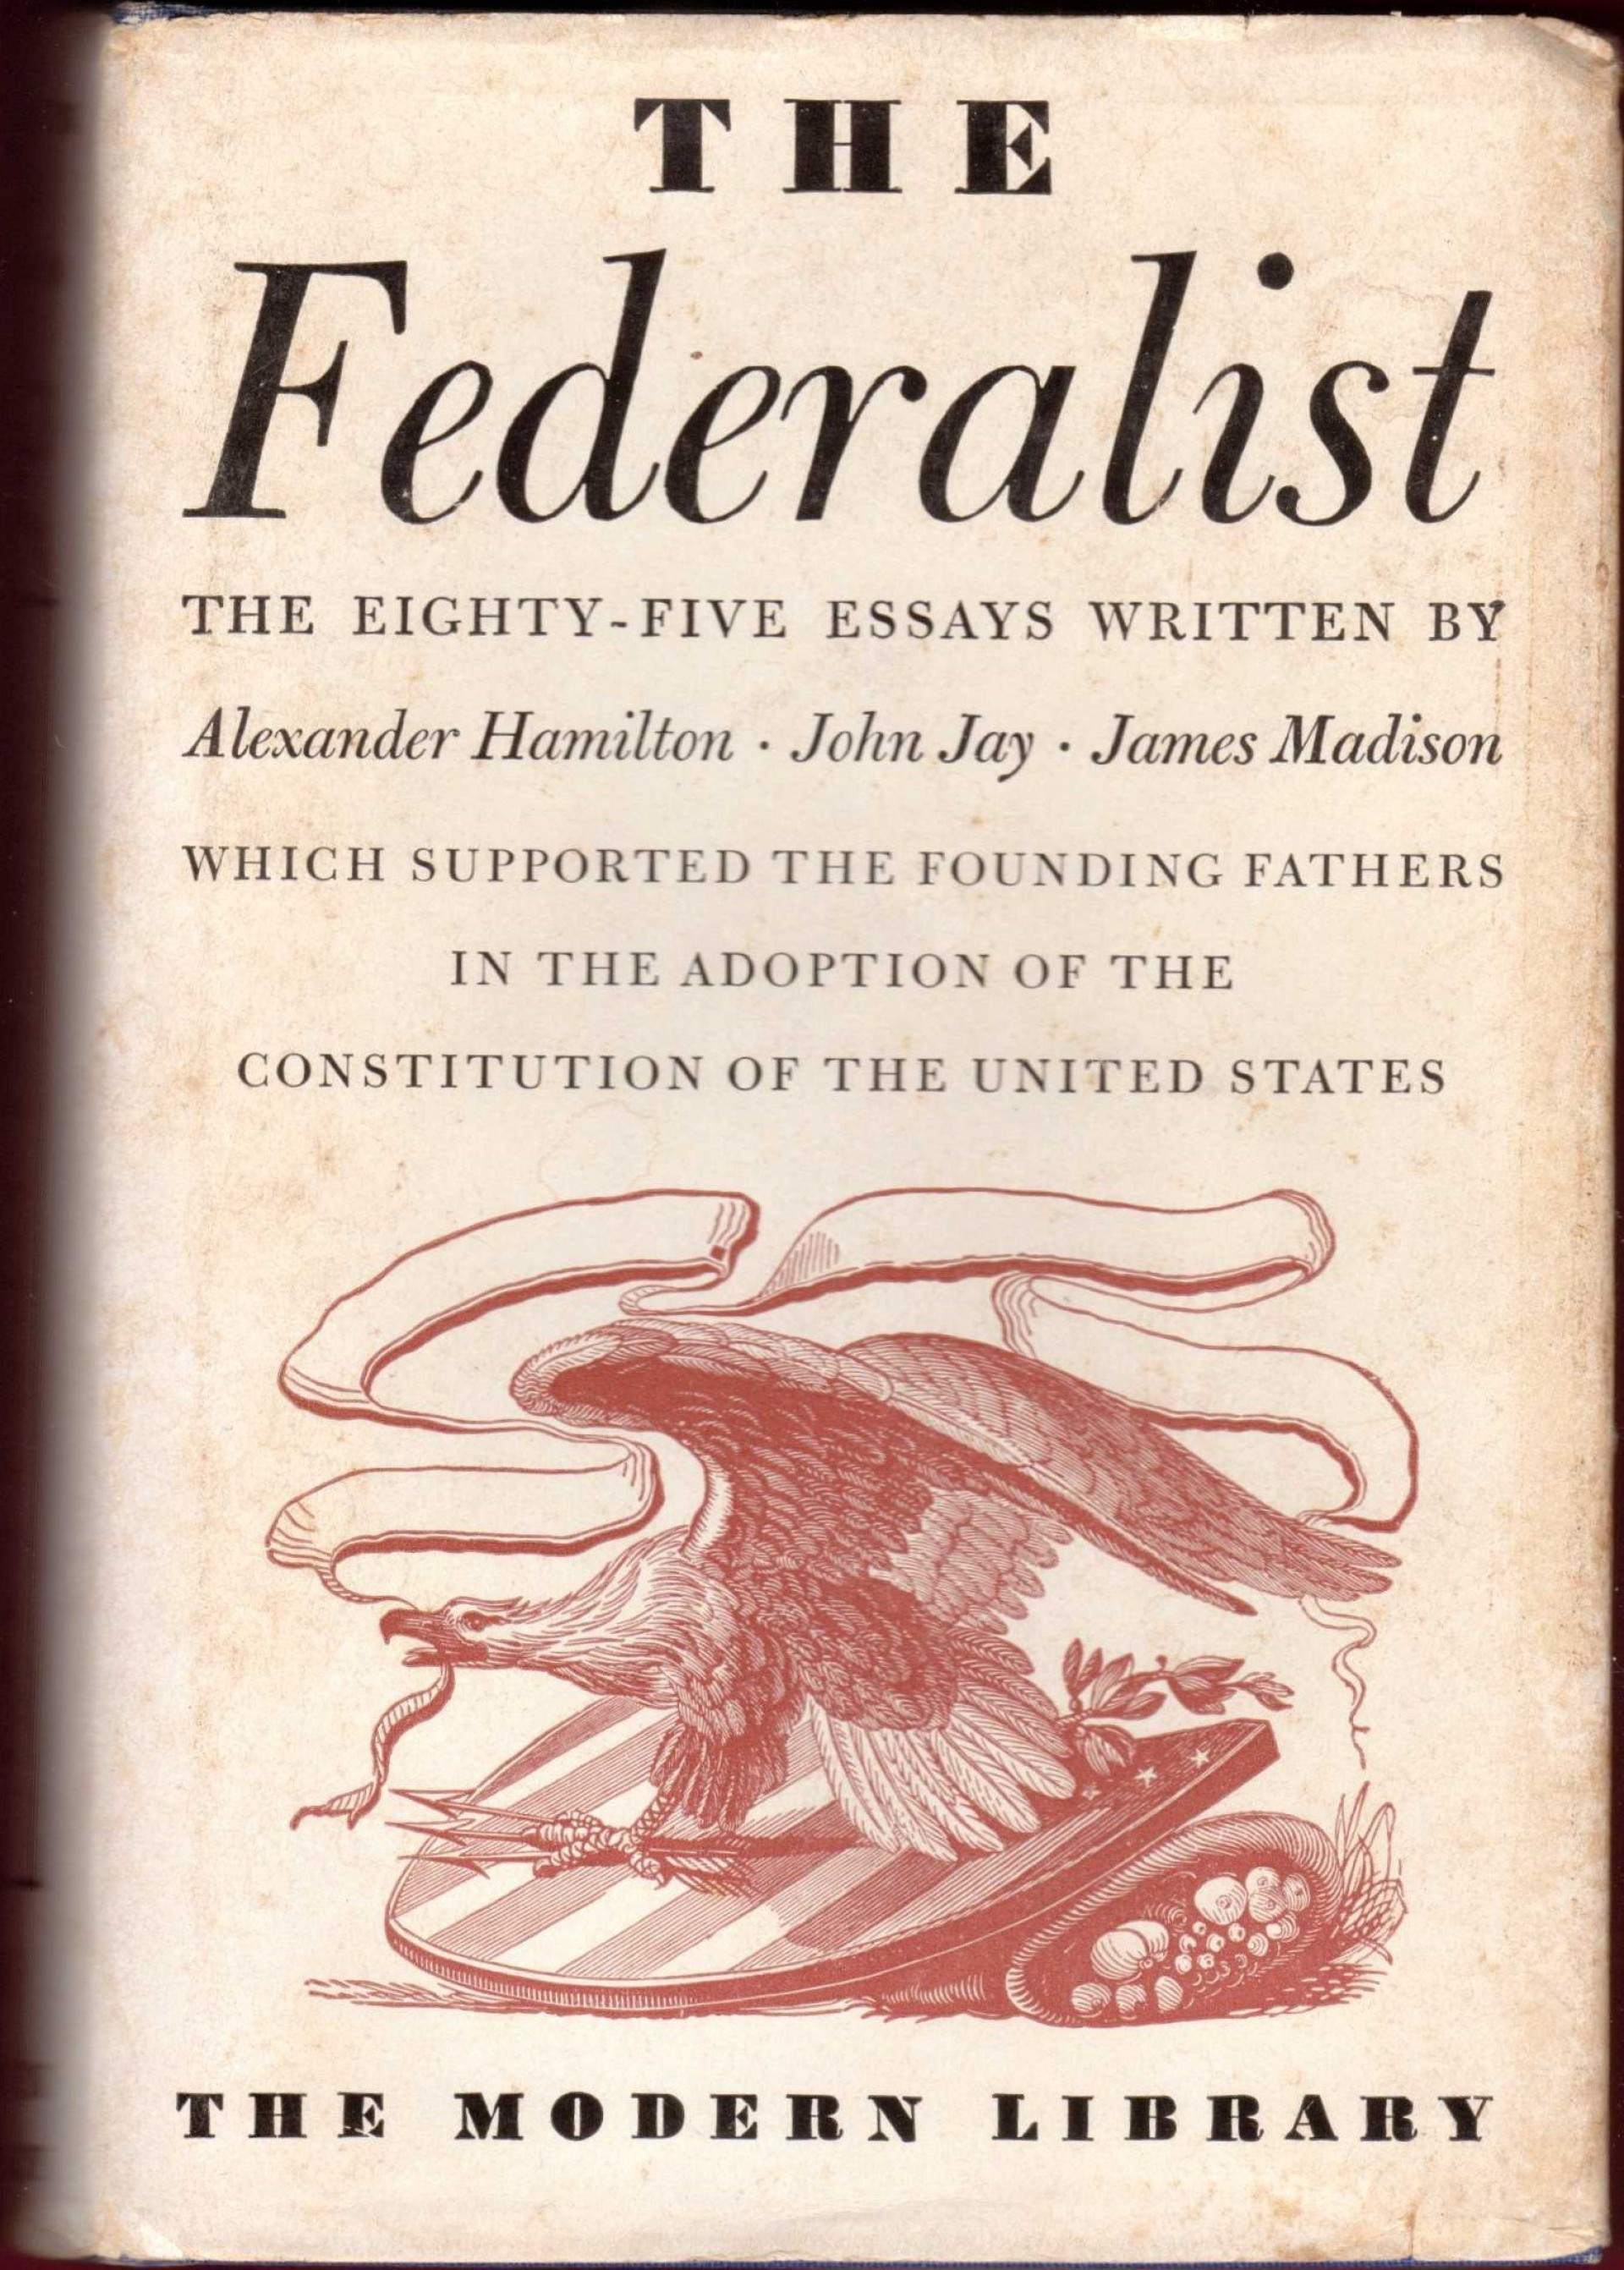 012 Alexander Hamilton Essays 91n4zdfy2el Essay Frightening Federalist Papers 1 Pdf Guns 1920